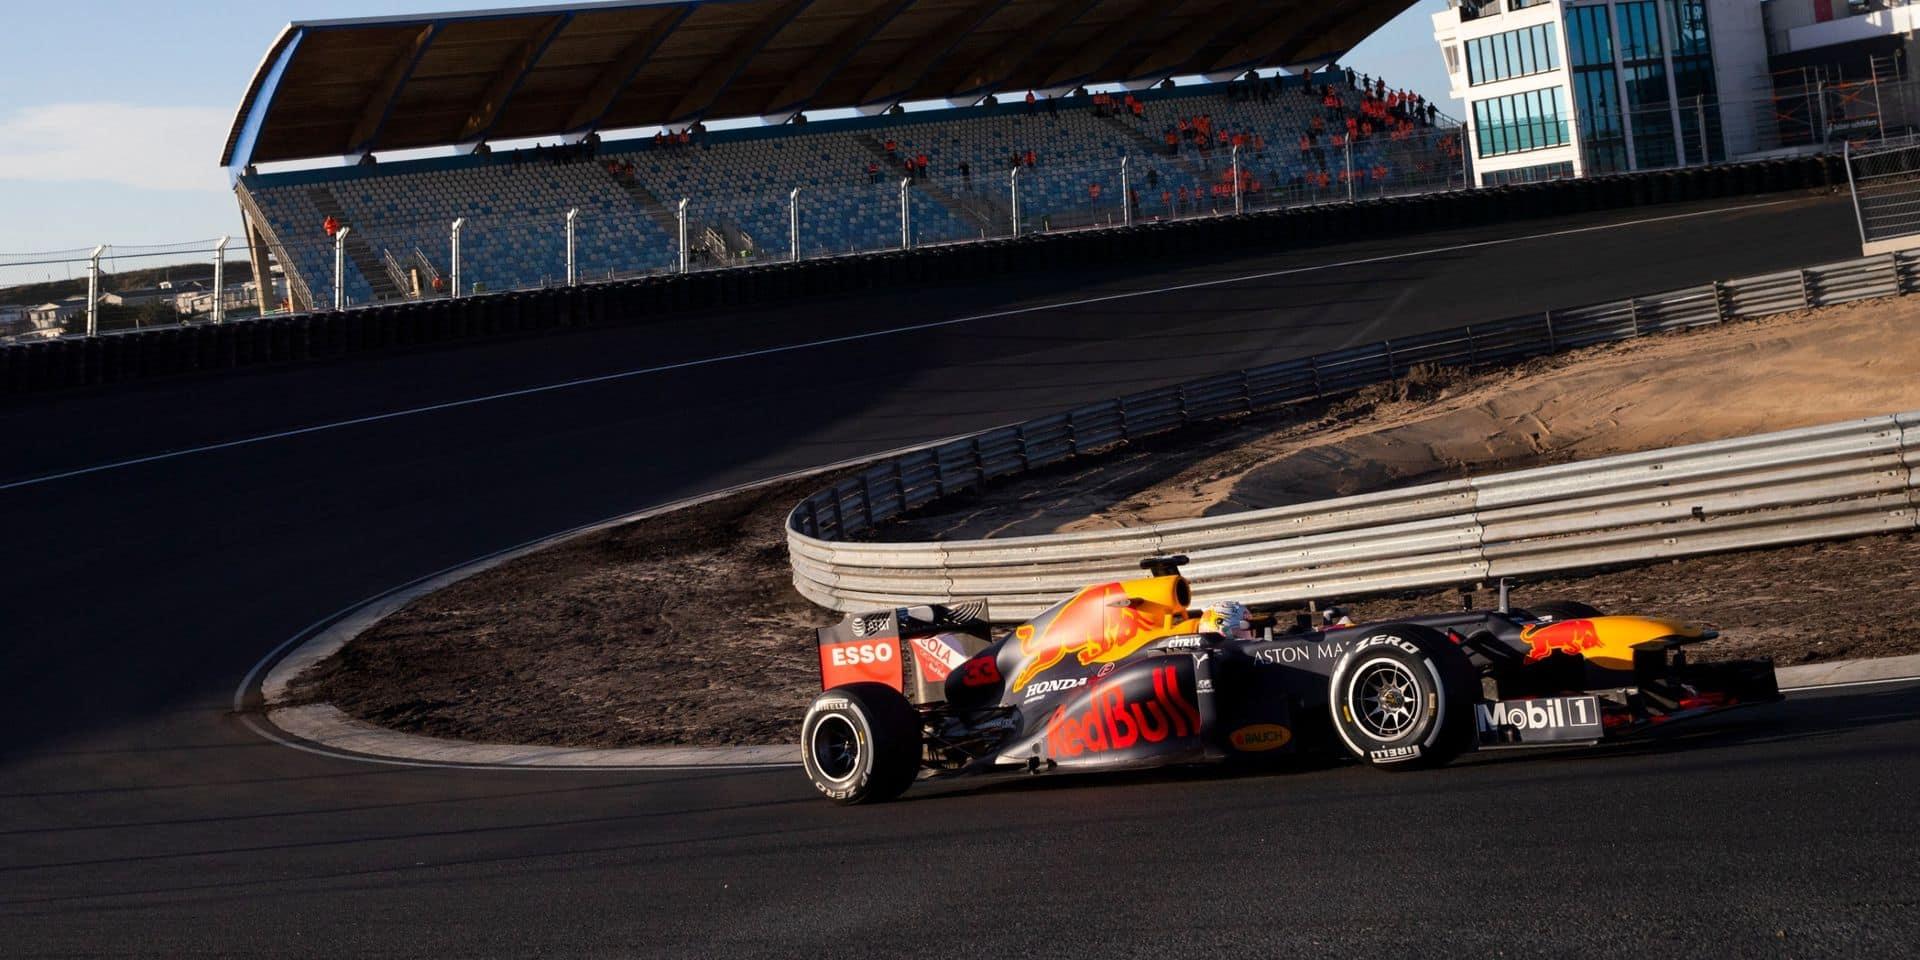 Coronavirus: le promoteur de la Formule 1 prévoit une saison de 15 à 18 courses en 2020